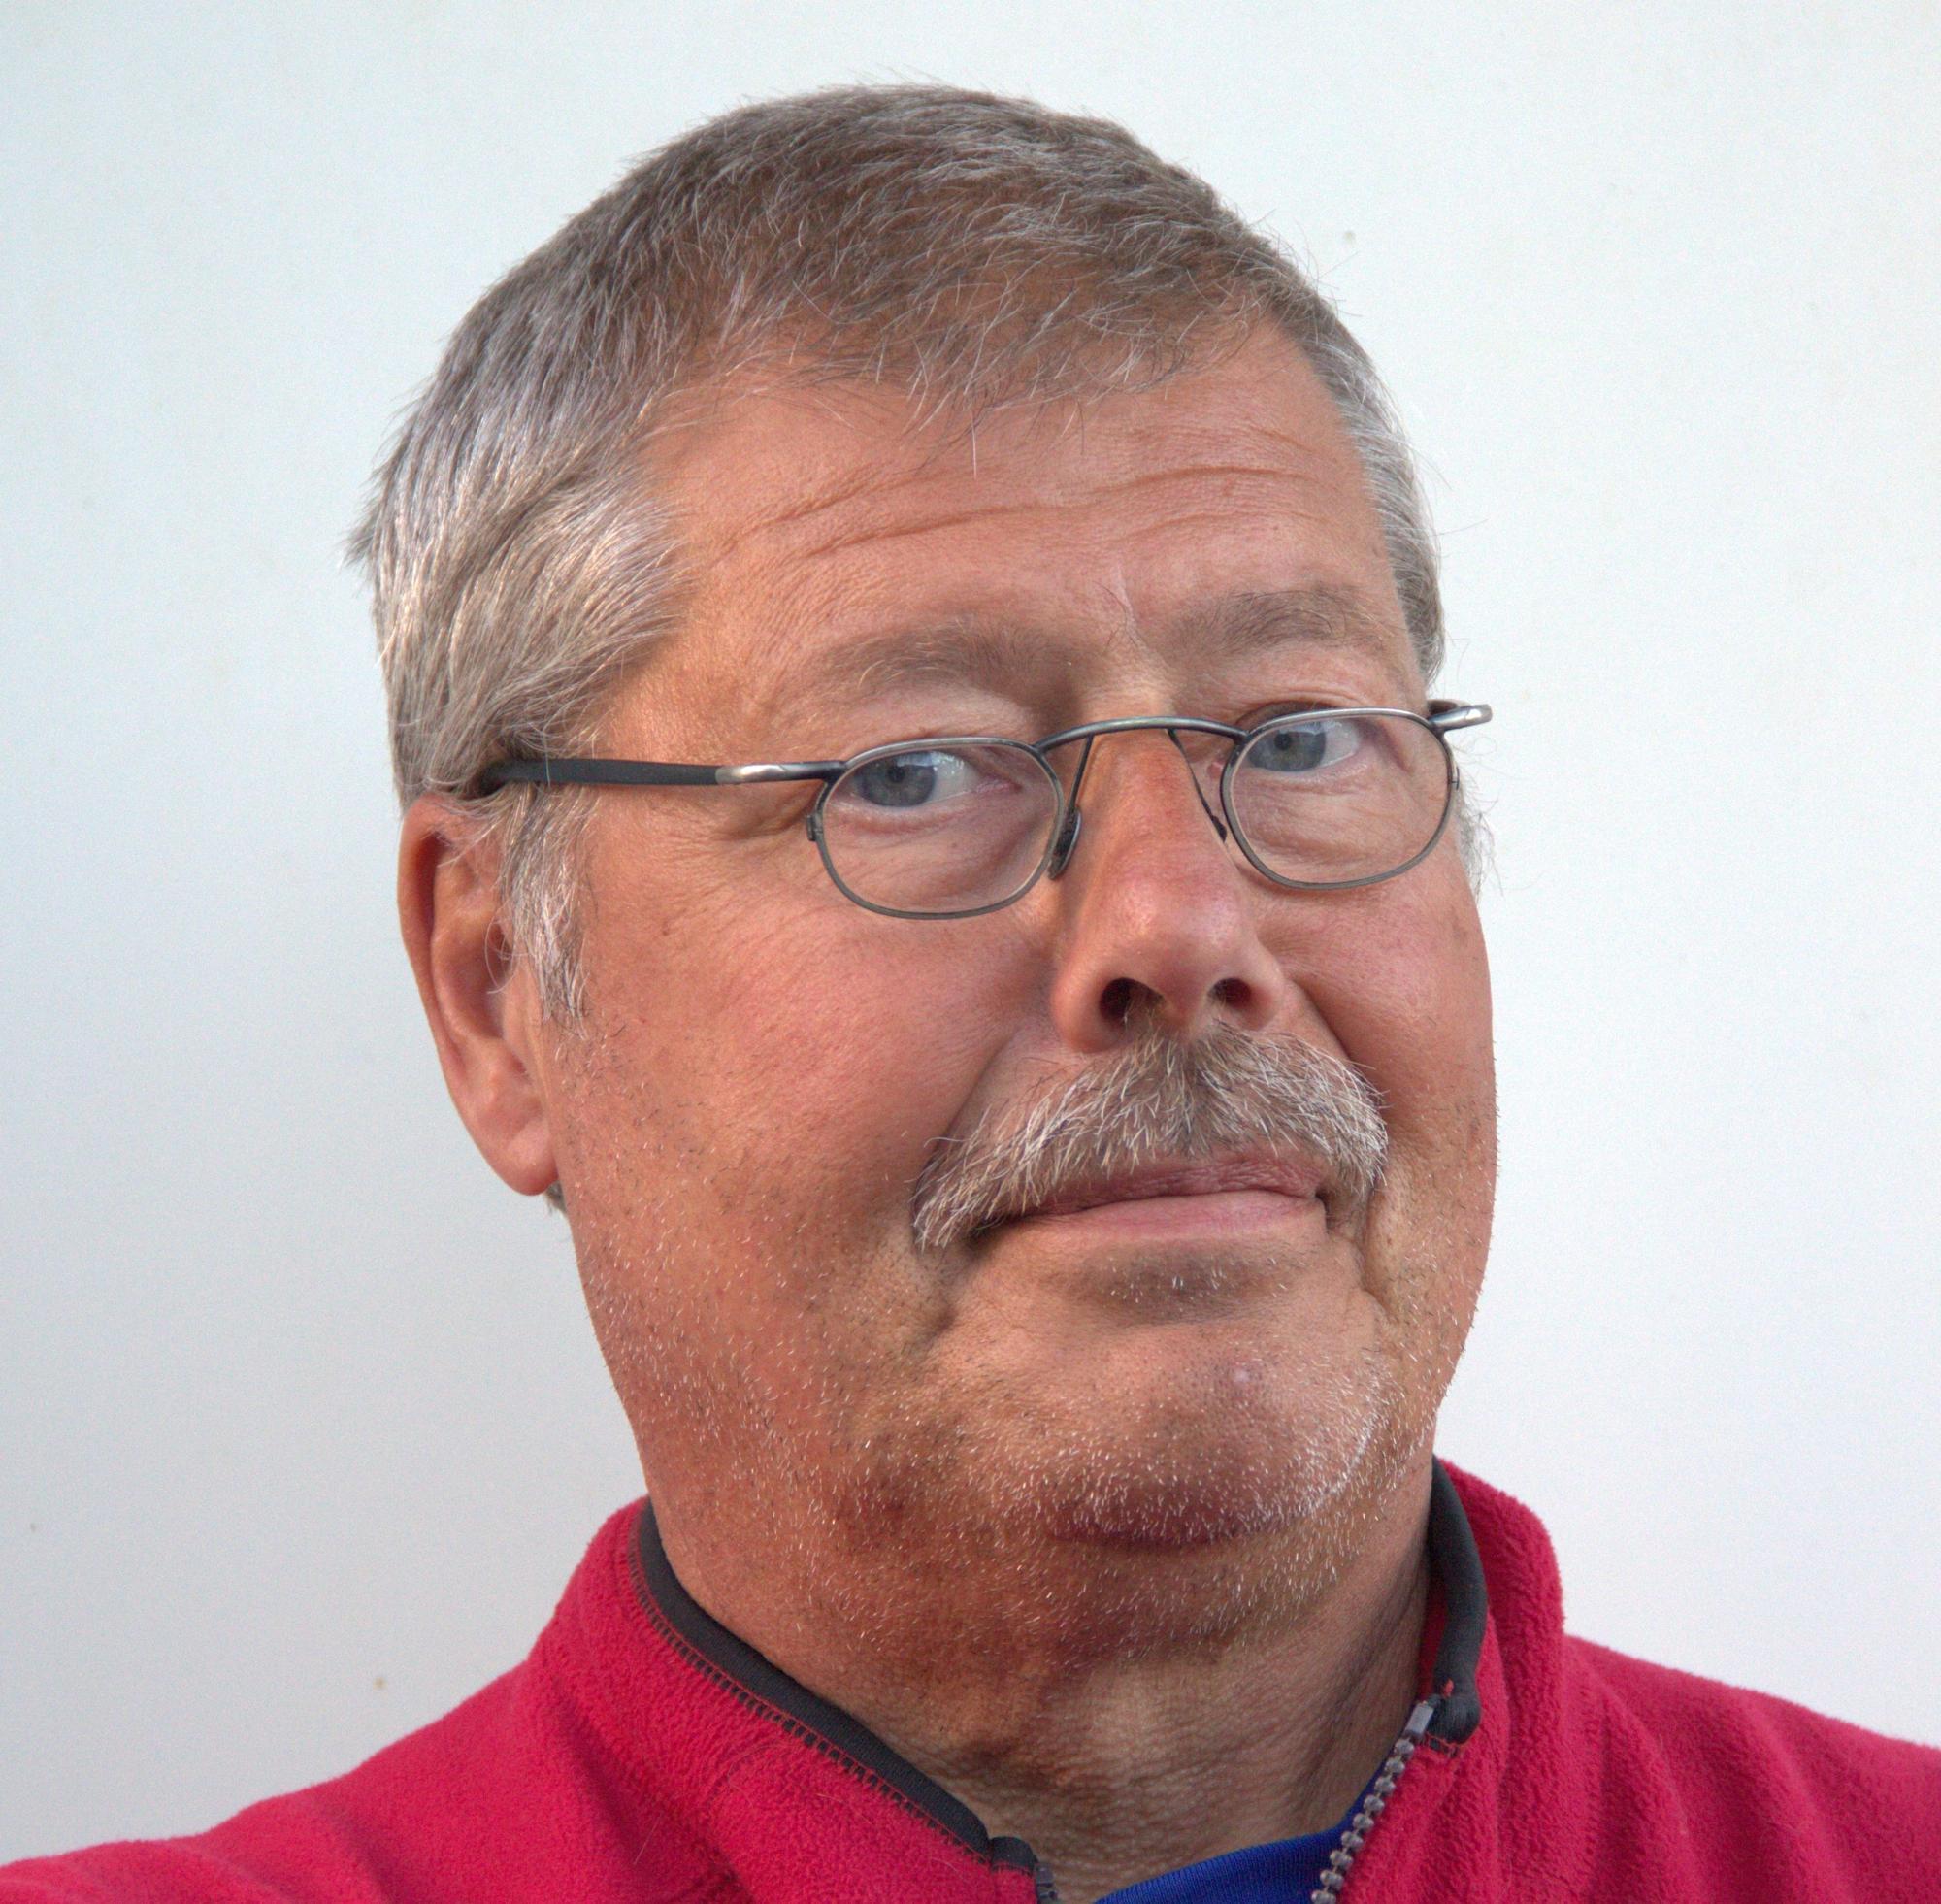 Helmut Brathauer